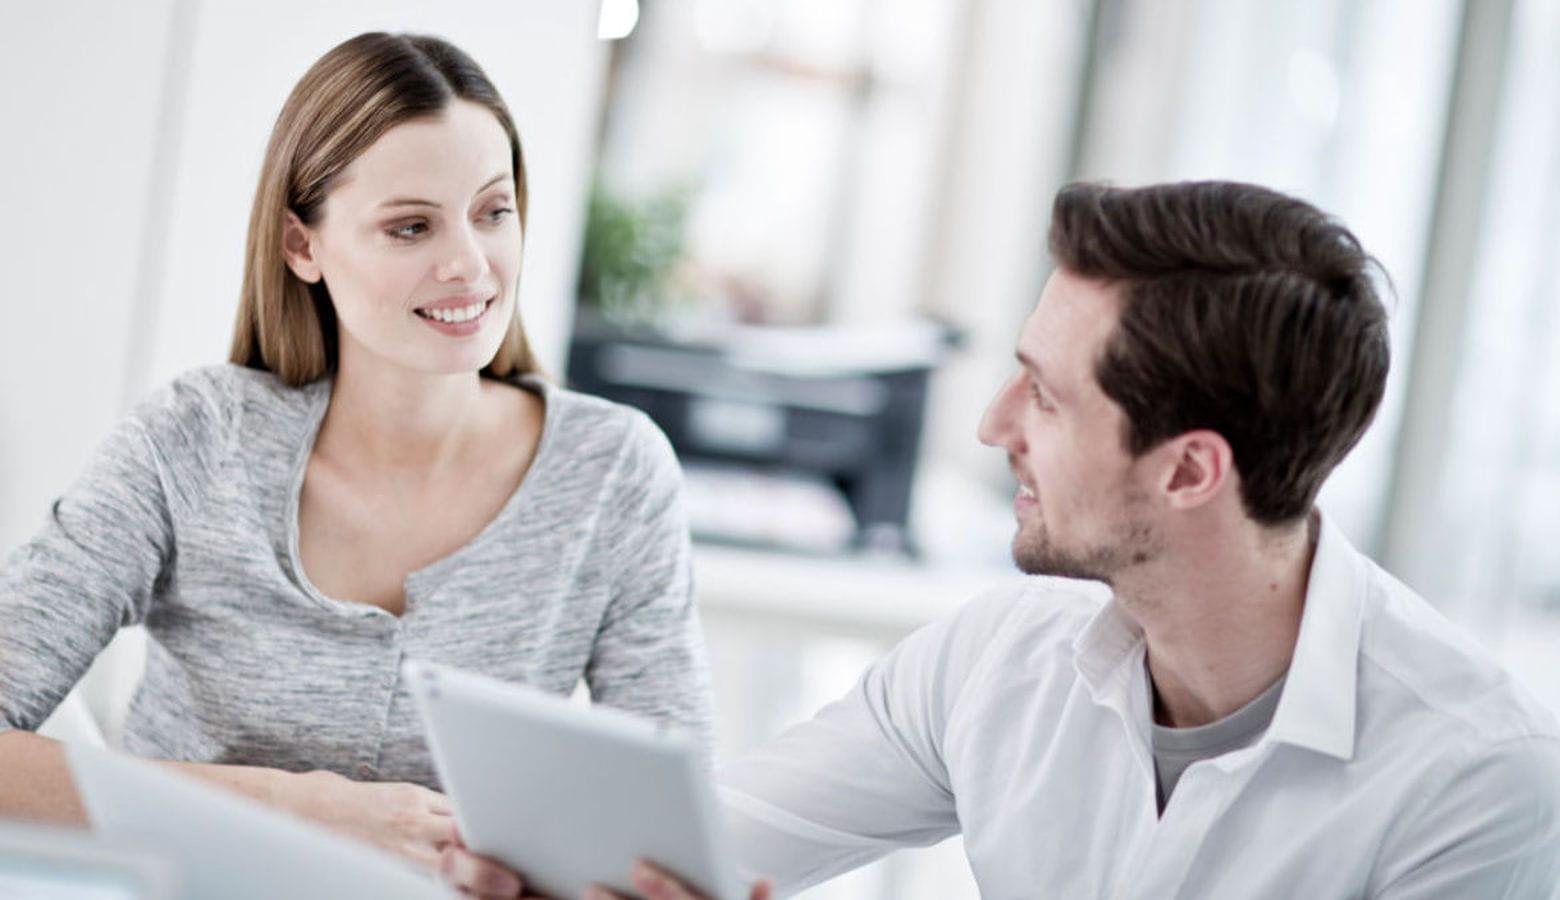 Mujer sonriente junto a hombre sosteniendo tablet